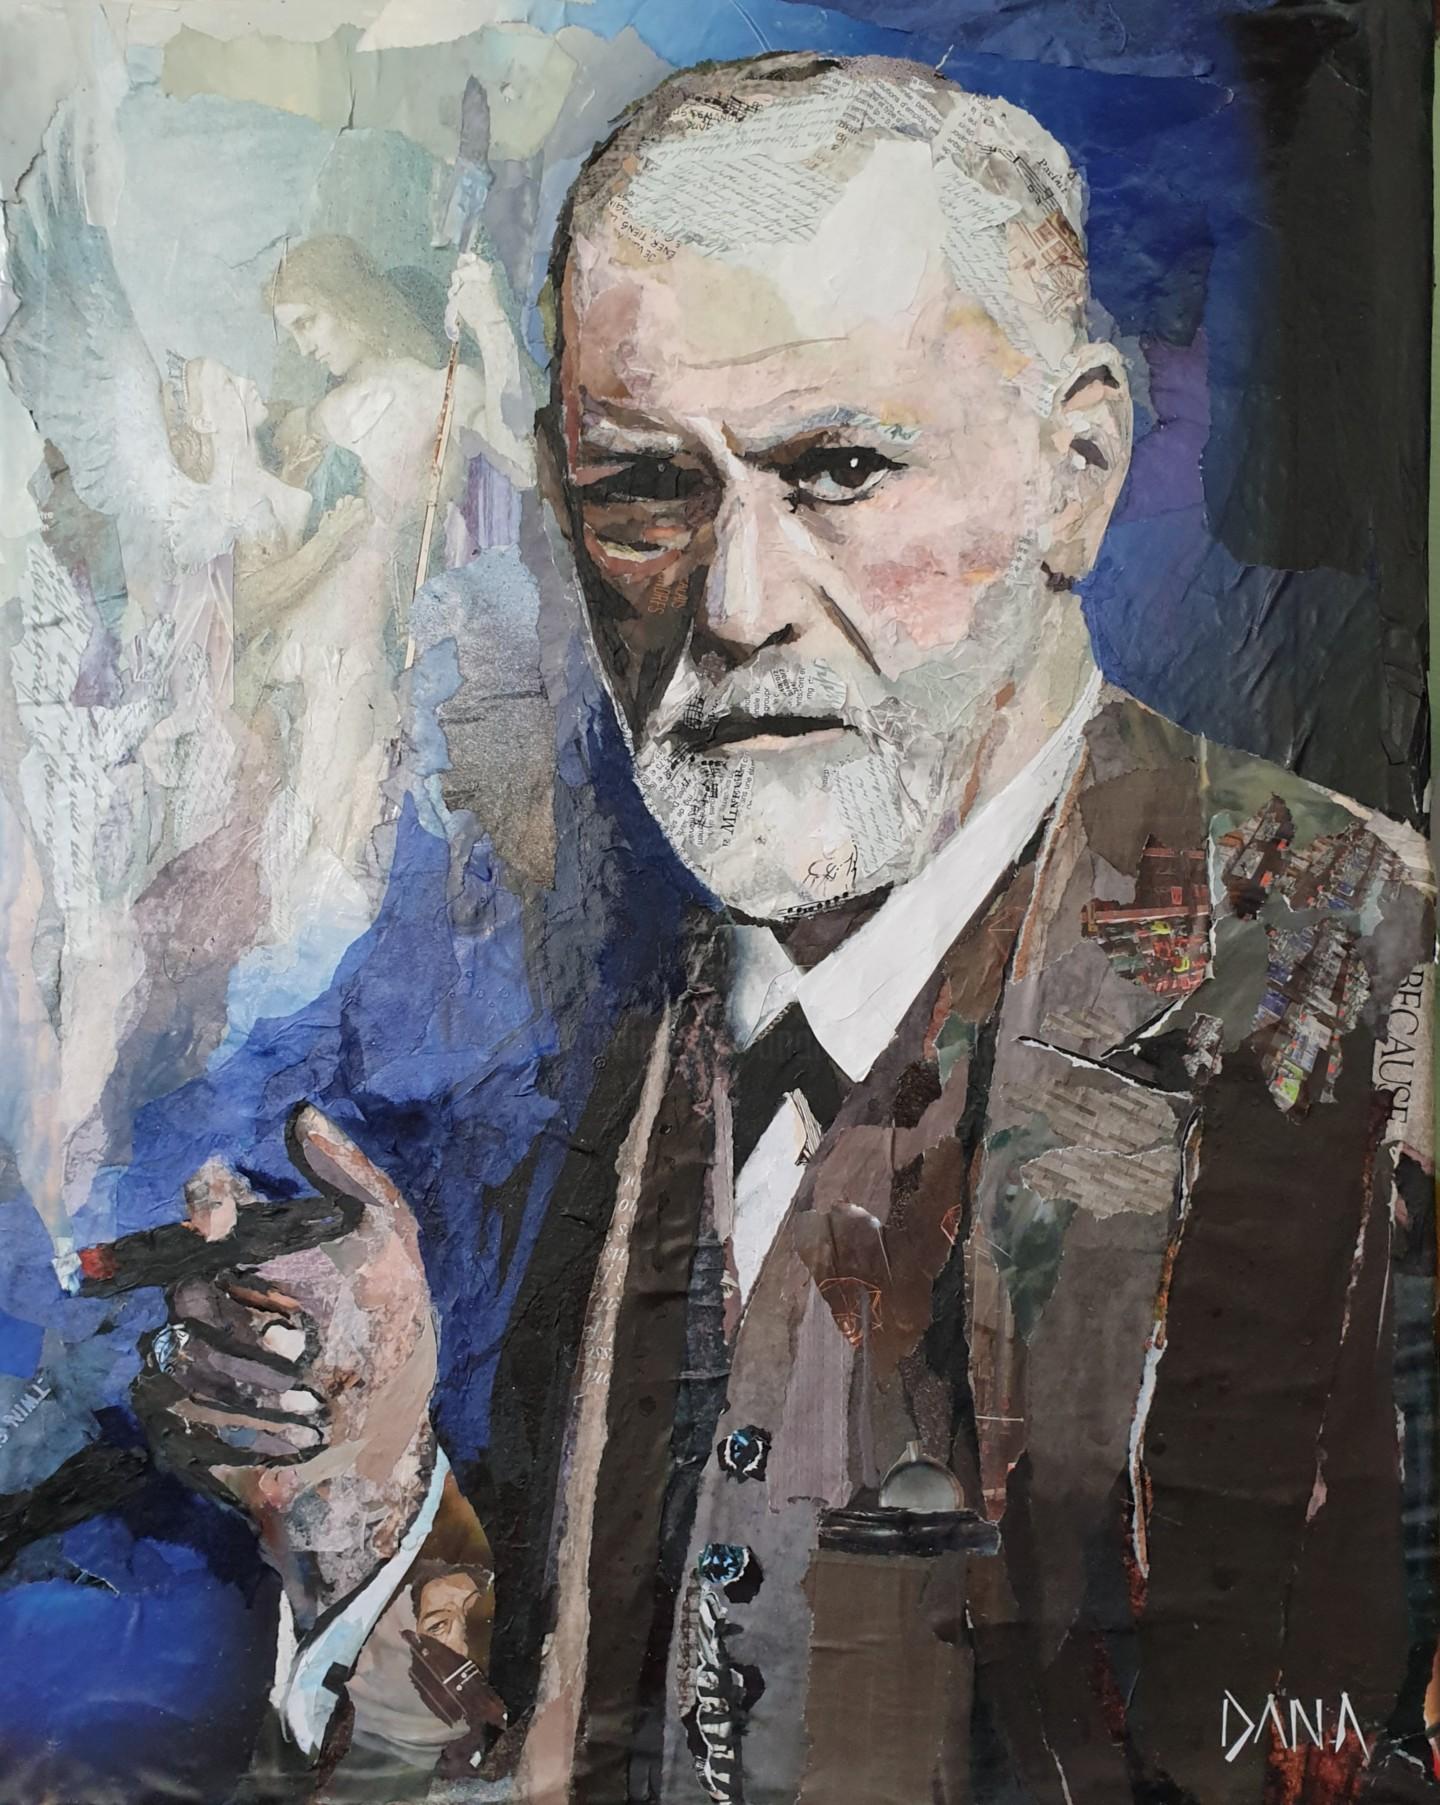 Dana - Sigmund Freud